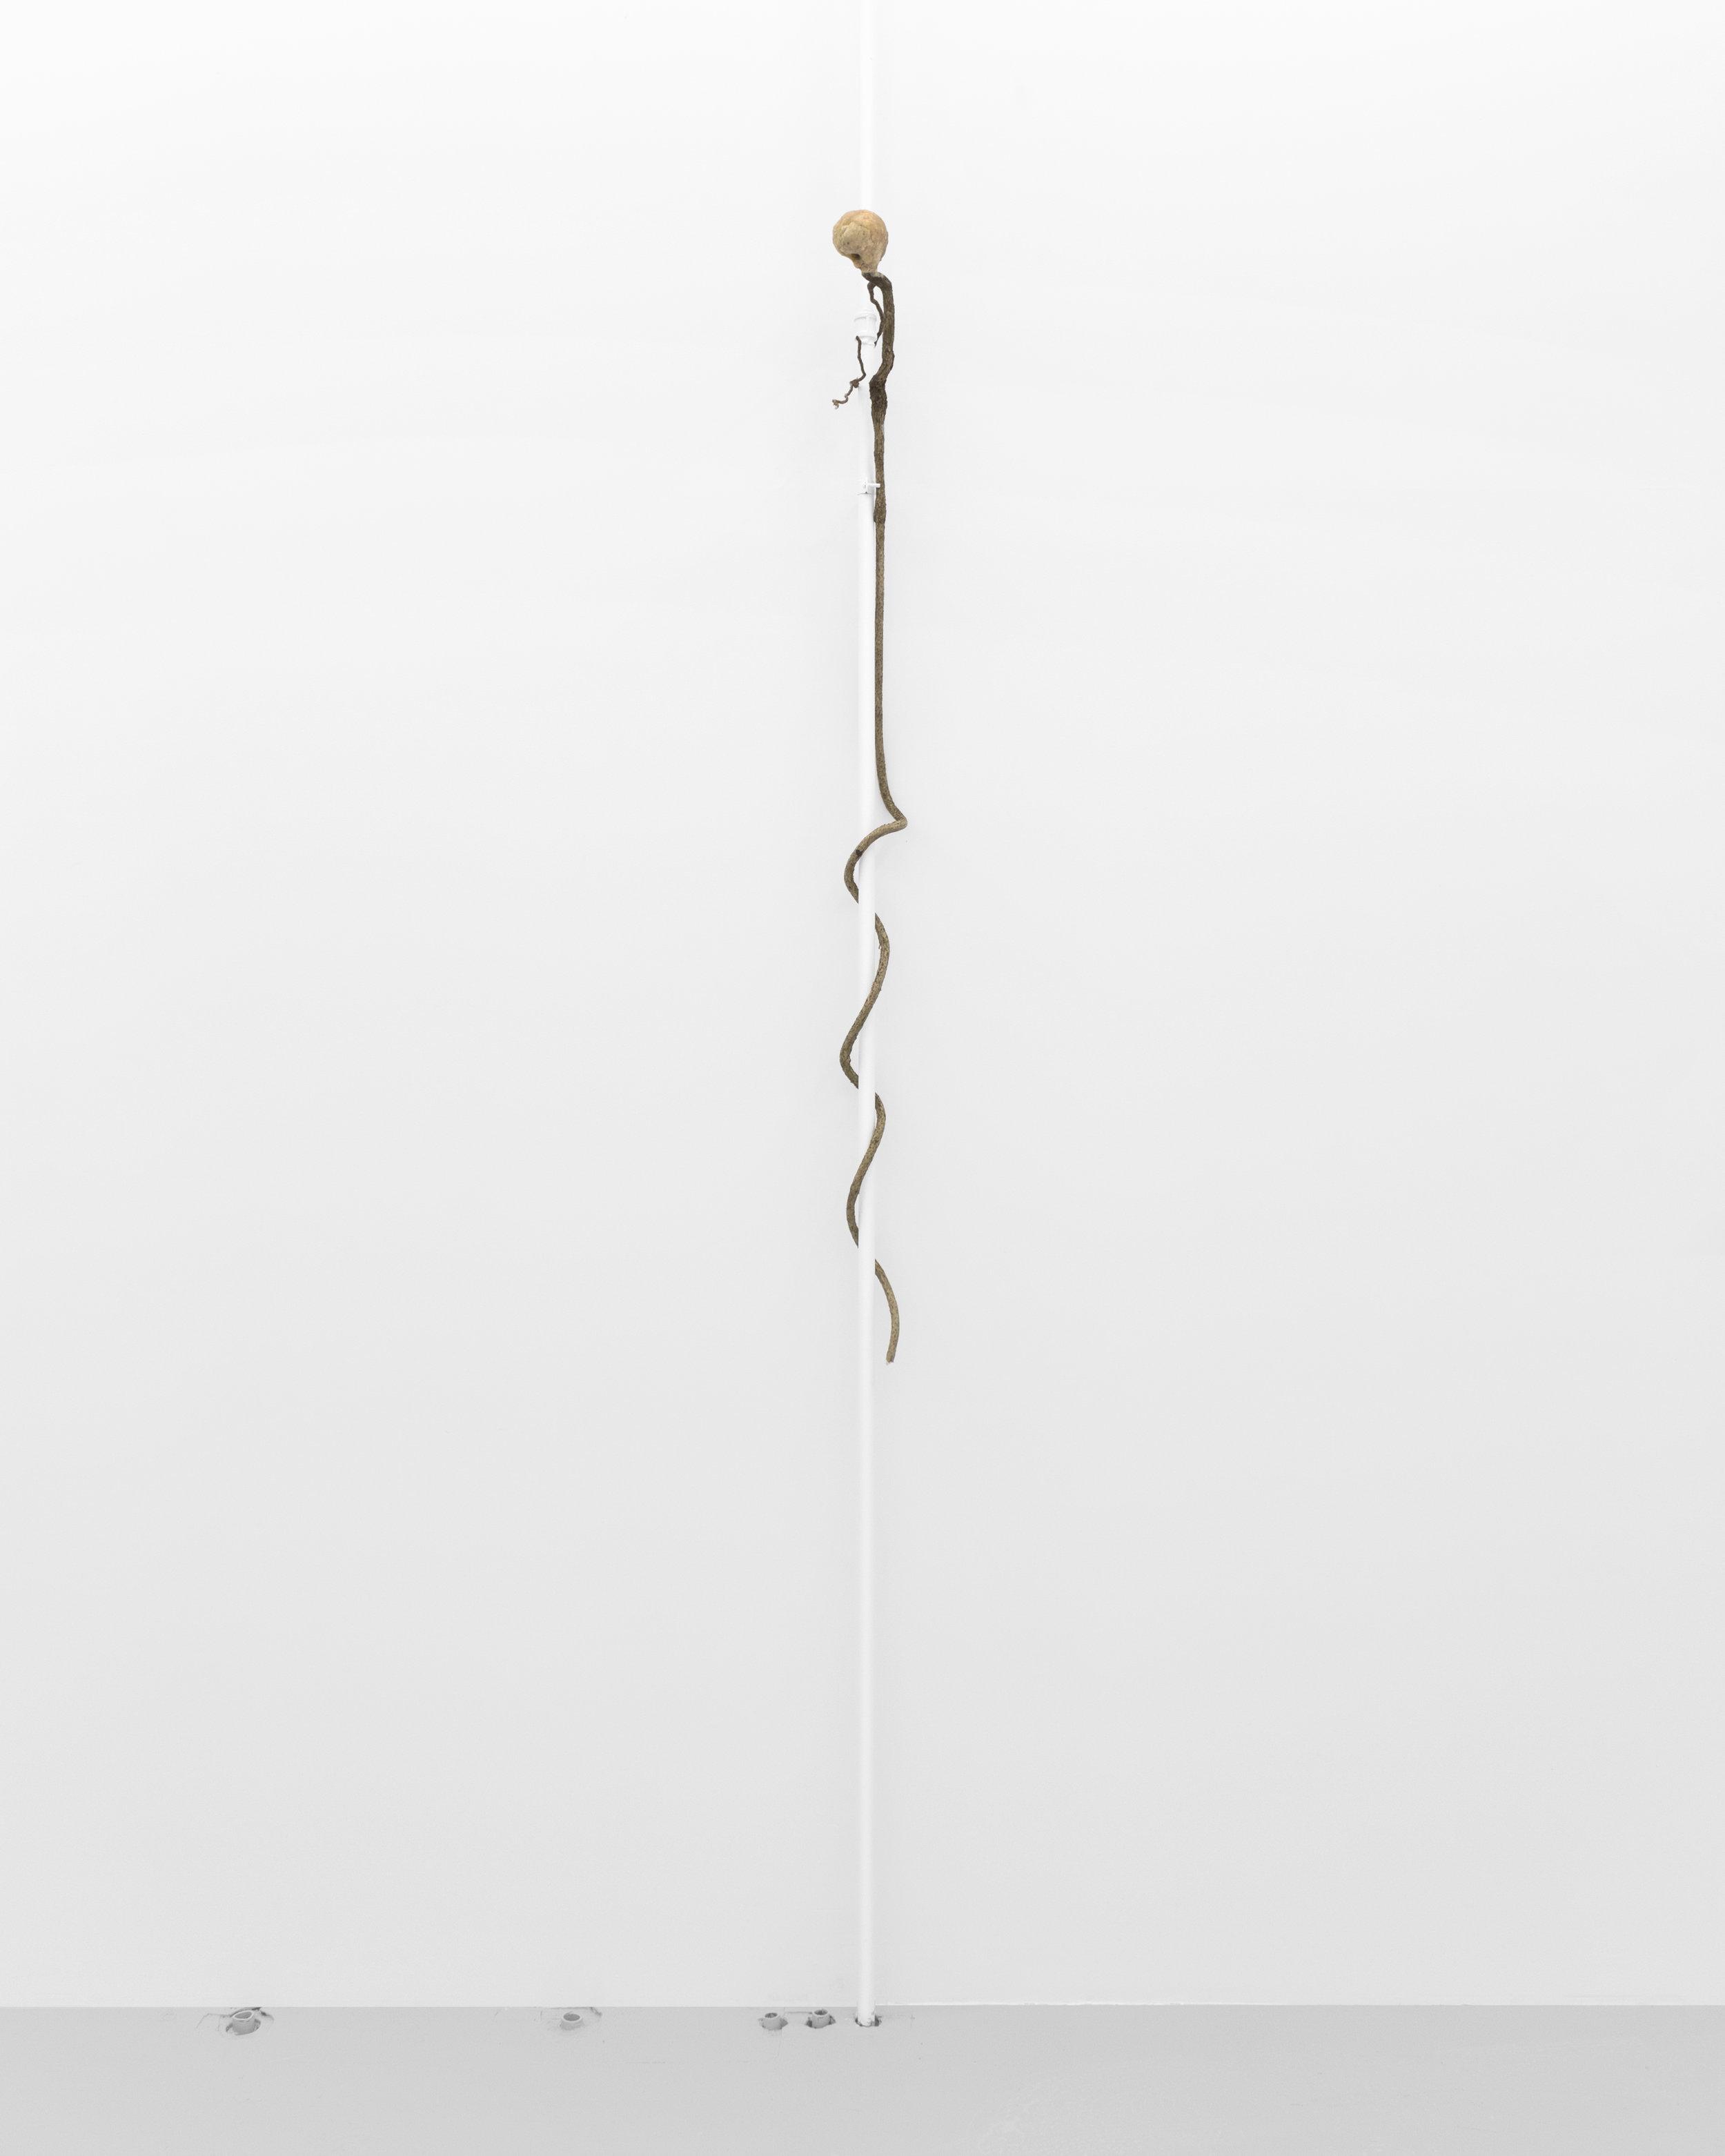 Kira Scerbin,  My First Smell , 2019. Beeswax and myrrh on stick